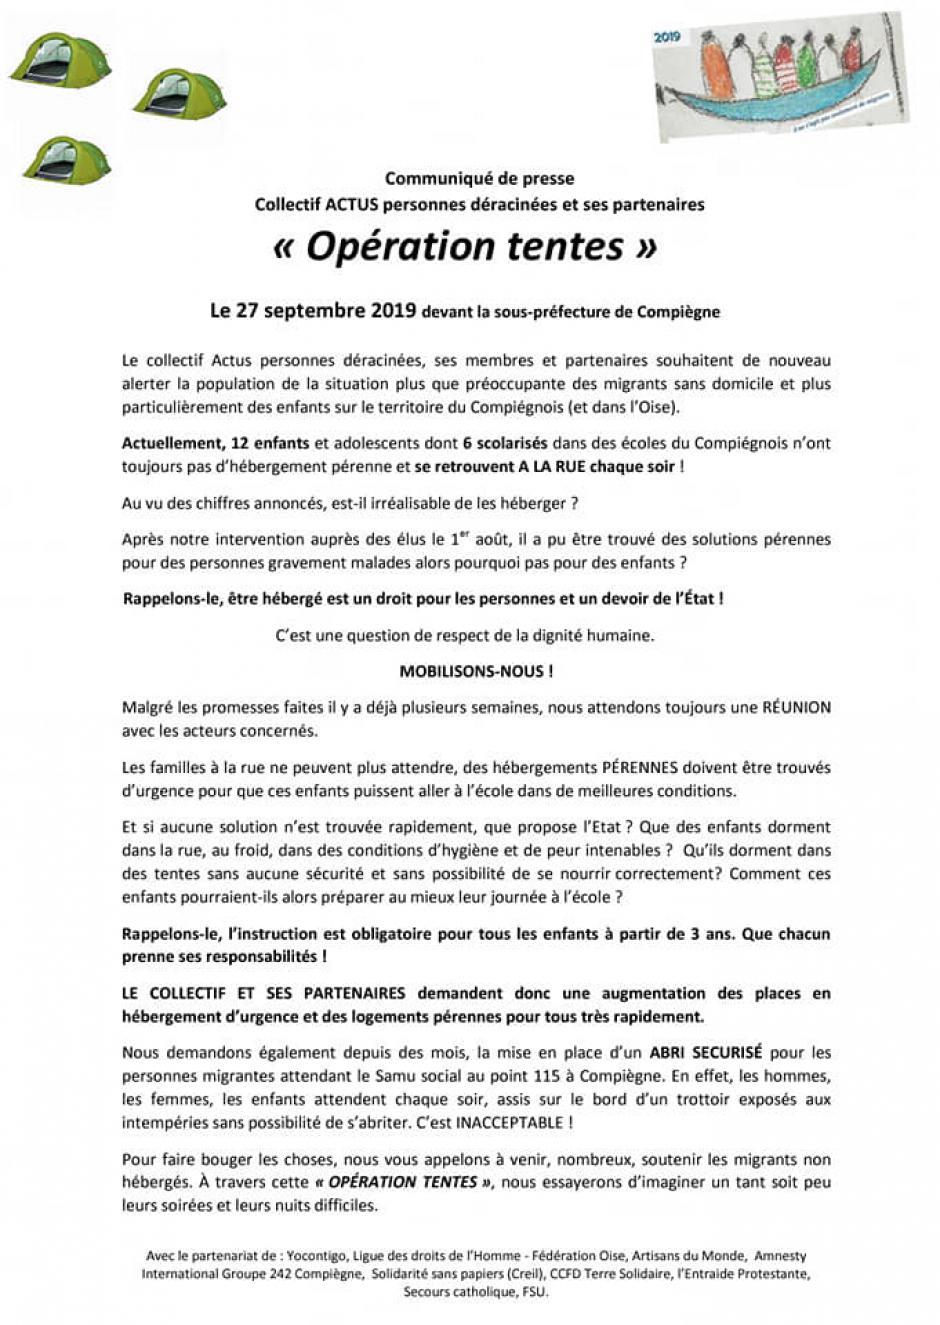 Soutien au migrant·e·s non hébergé·e·s - Compiègne, 27 septembre 2019